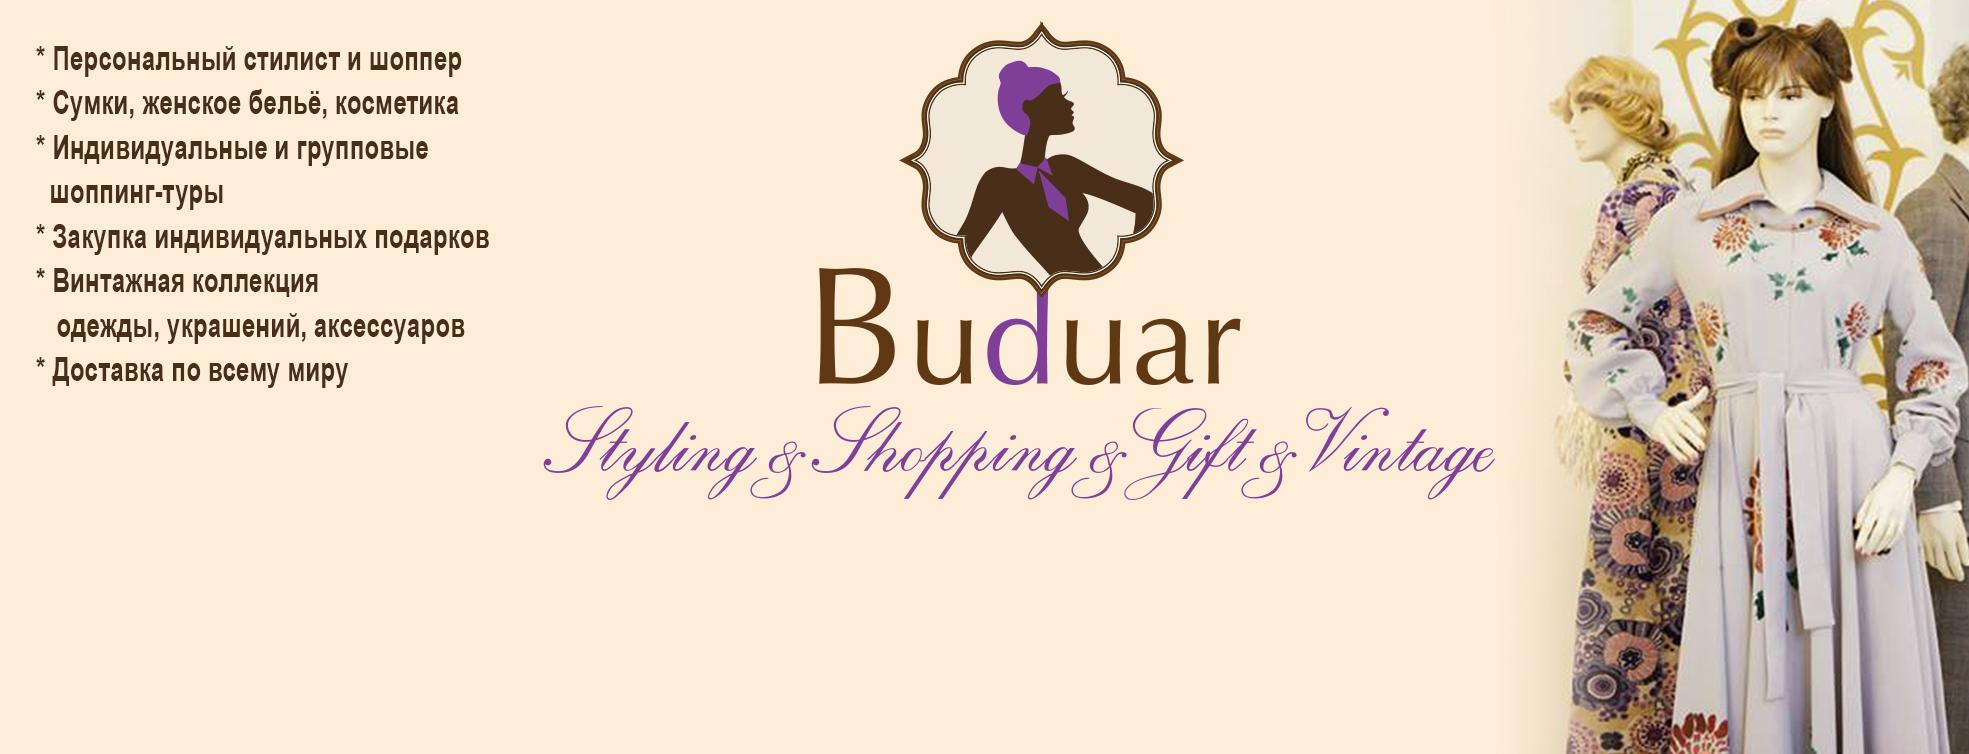 Бутик Будуар